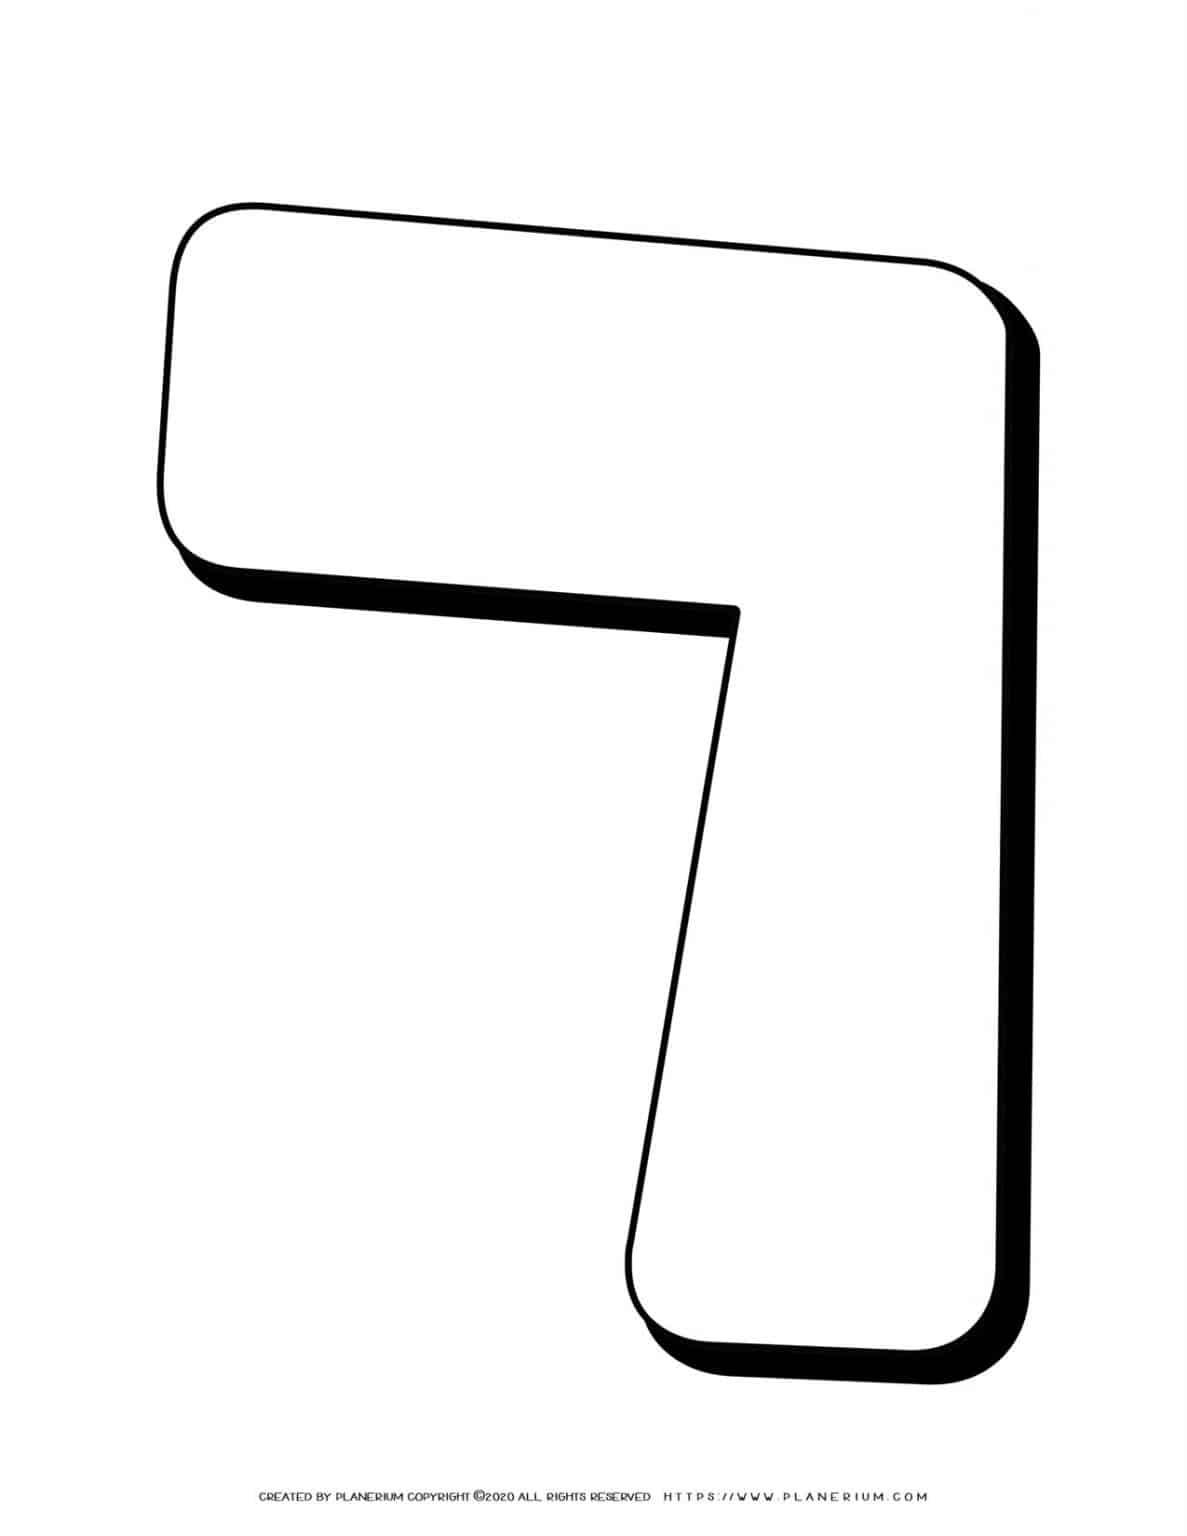 Alphabet Coloring Pages - Hebrew Letters - Resh | Planerium